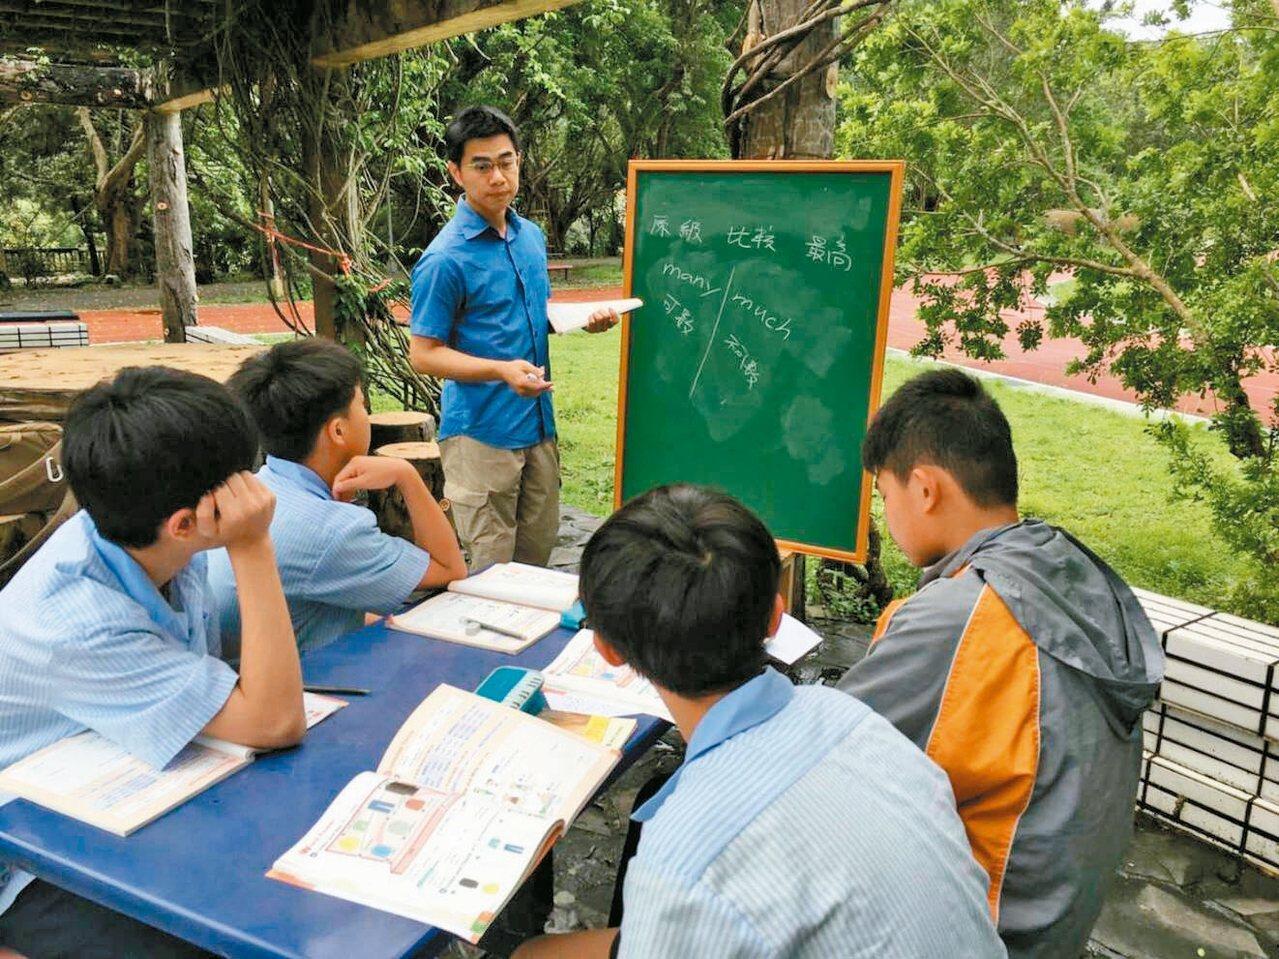 坪林國中英文解救課程,6論理學生用遊戲學英文,成就大幅前進。 圖/坪林國中提供